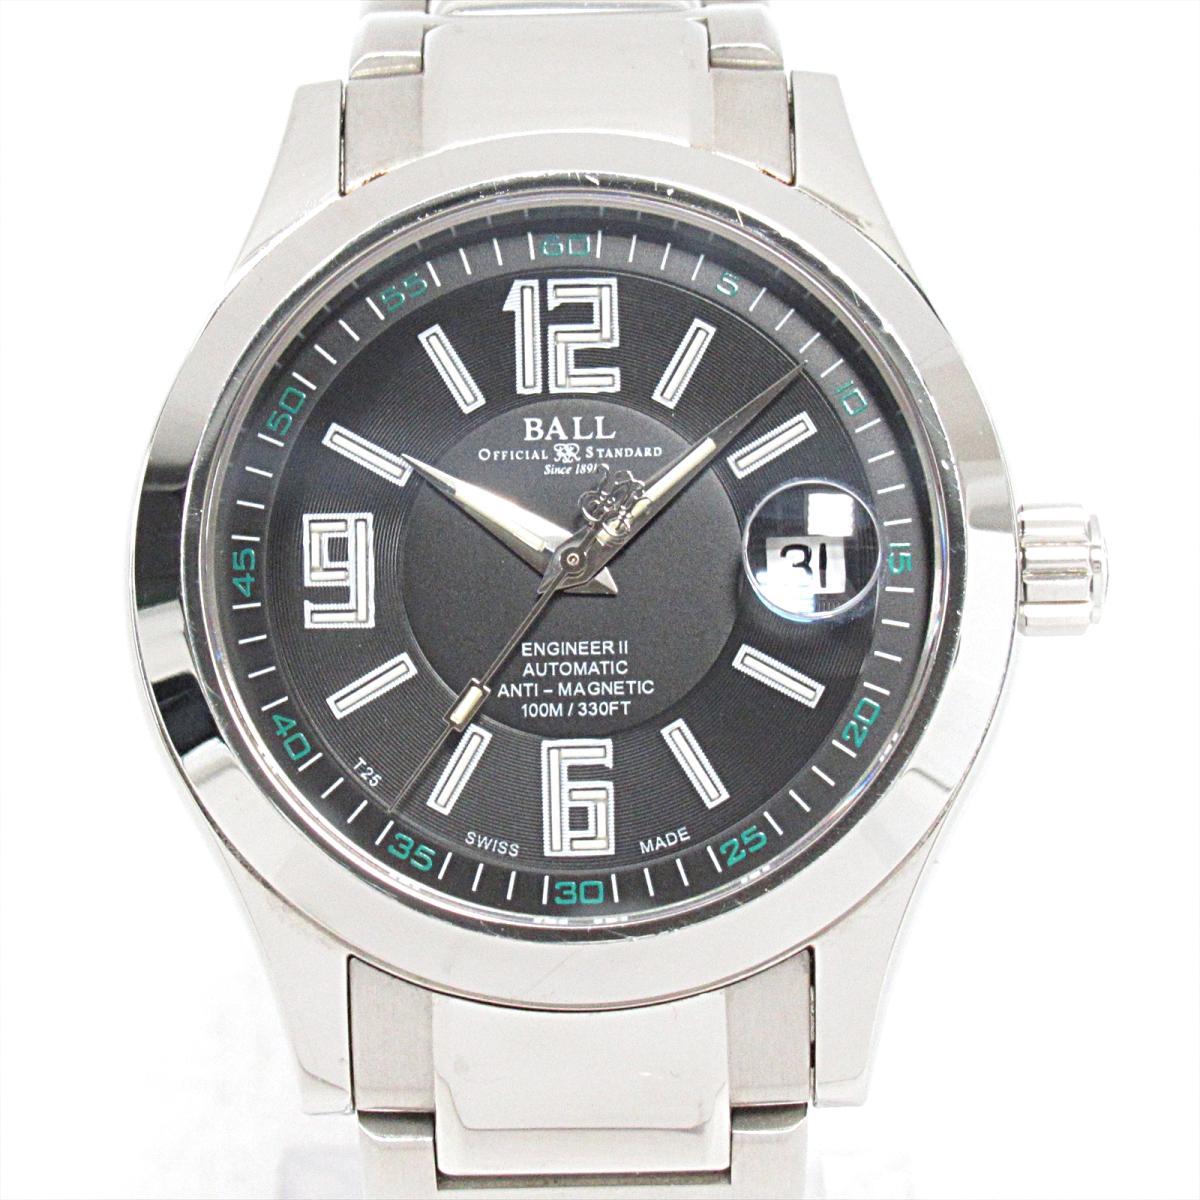 ボール (BALL WATCH)/エンジニア2 腕時計/メンズ